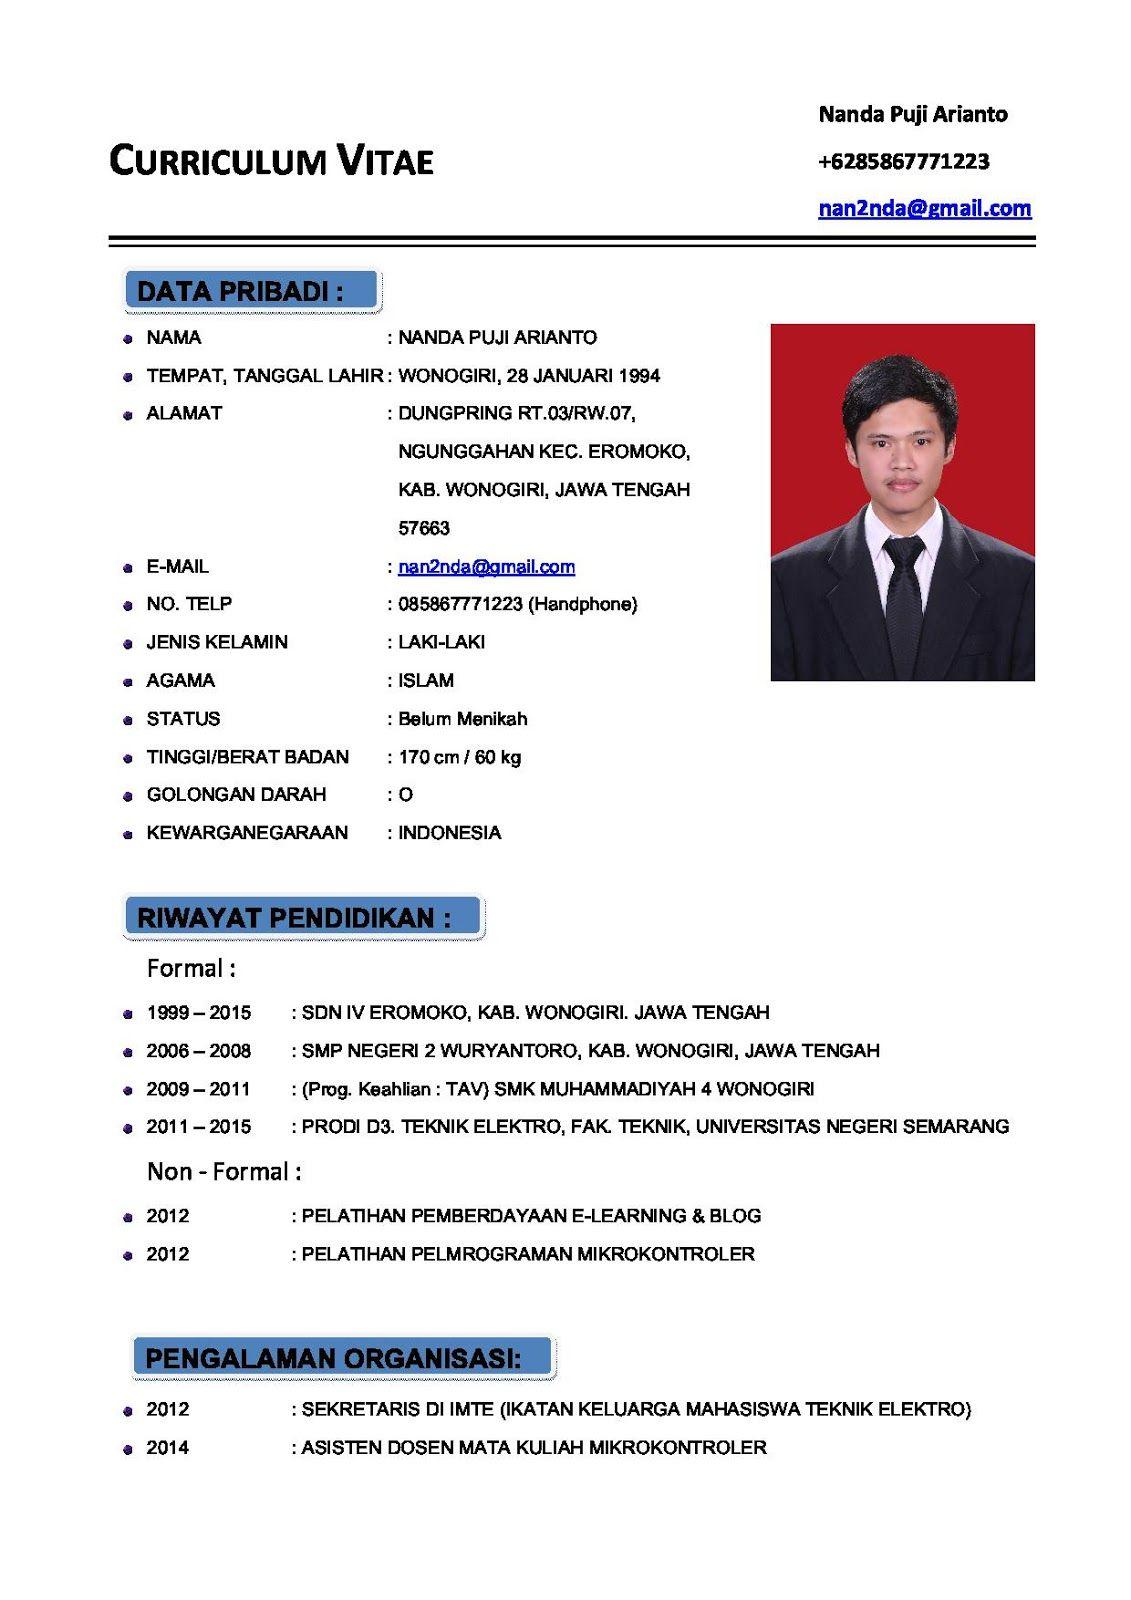 Format Curriculum Vitae Indonesia Download Curriculum Vitae Cv Bahasa Indonesia Dan Bahasa Contoh Cv Curriculum Vitae Atau Daftar Riwayat Hidup